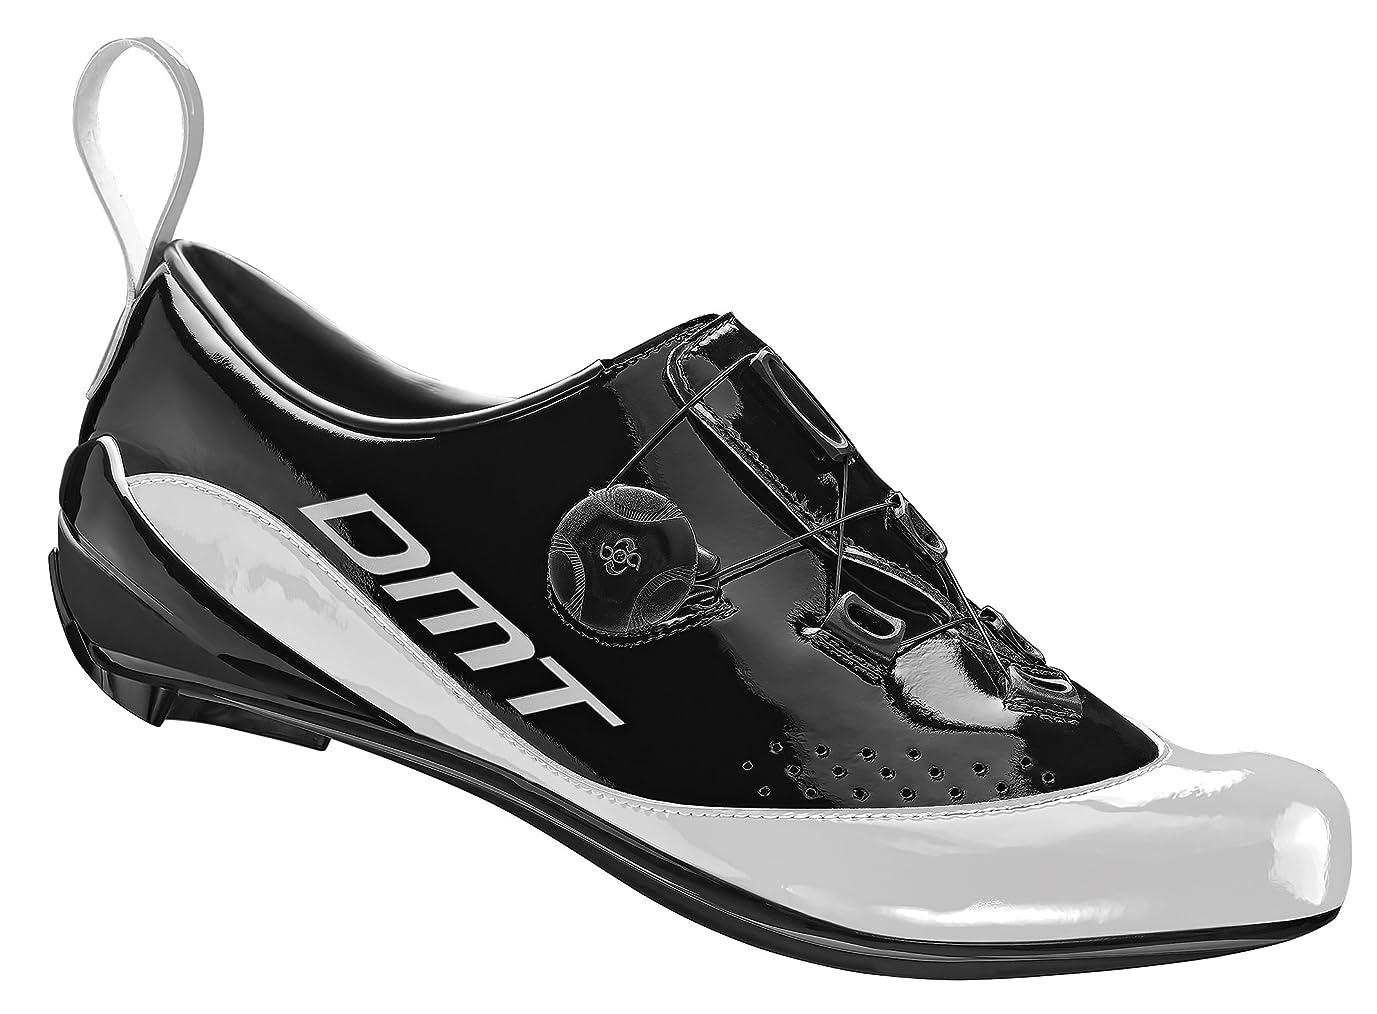 縮約しみ成果DMT 自転車用ビンディングシューズ T1 トライアスロン用